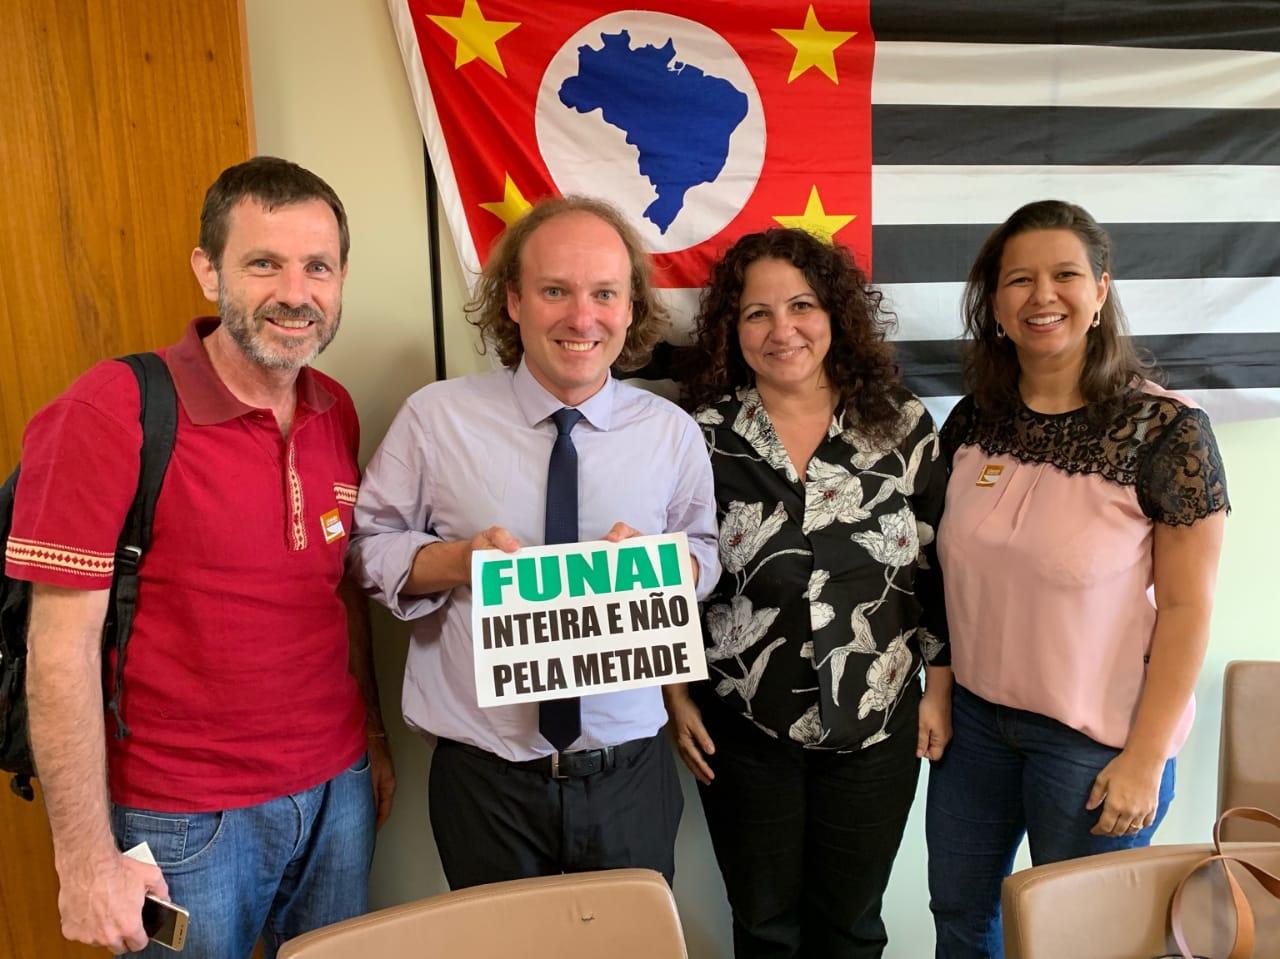 Presidente da Comissão de Meio Ambiente da Câmara dos Deputados declara apoio à INA na campanha Funai Inteira